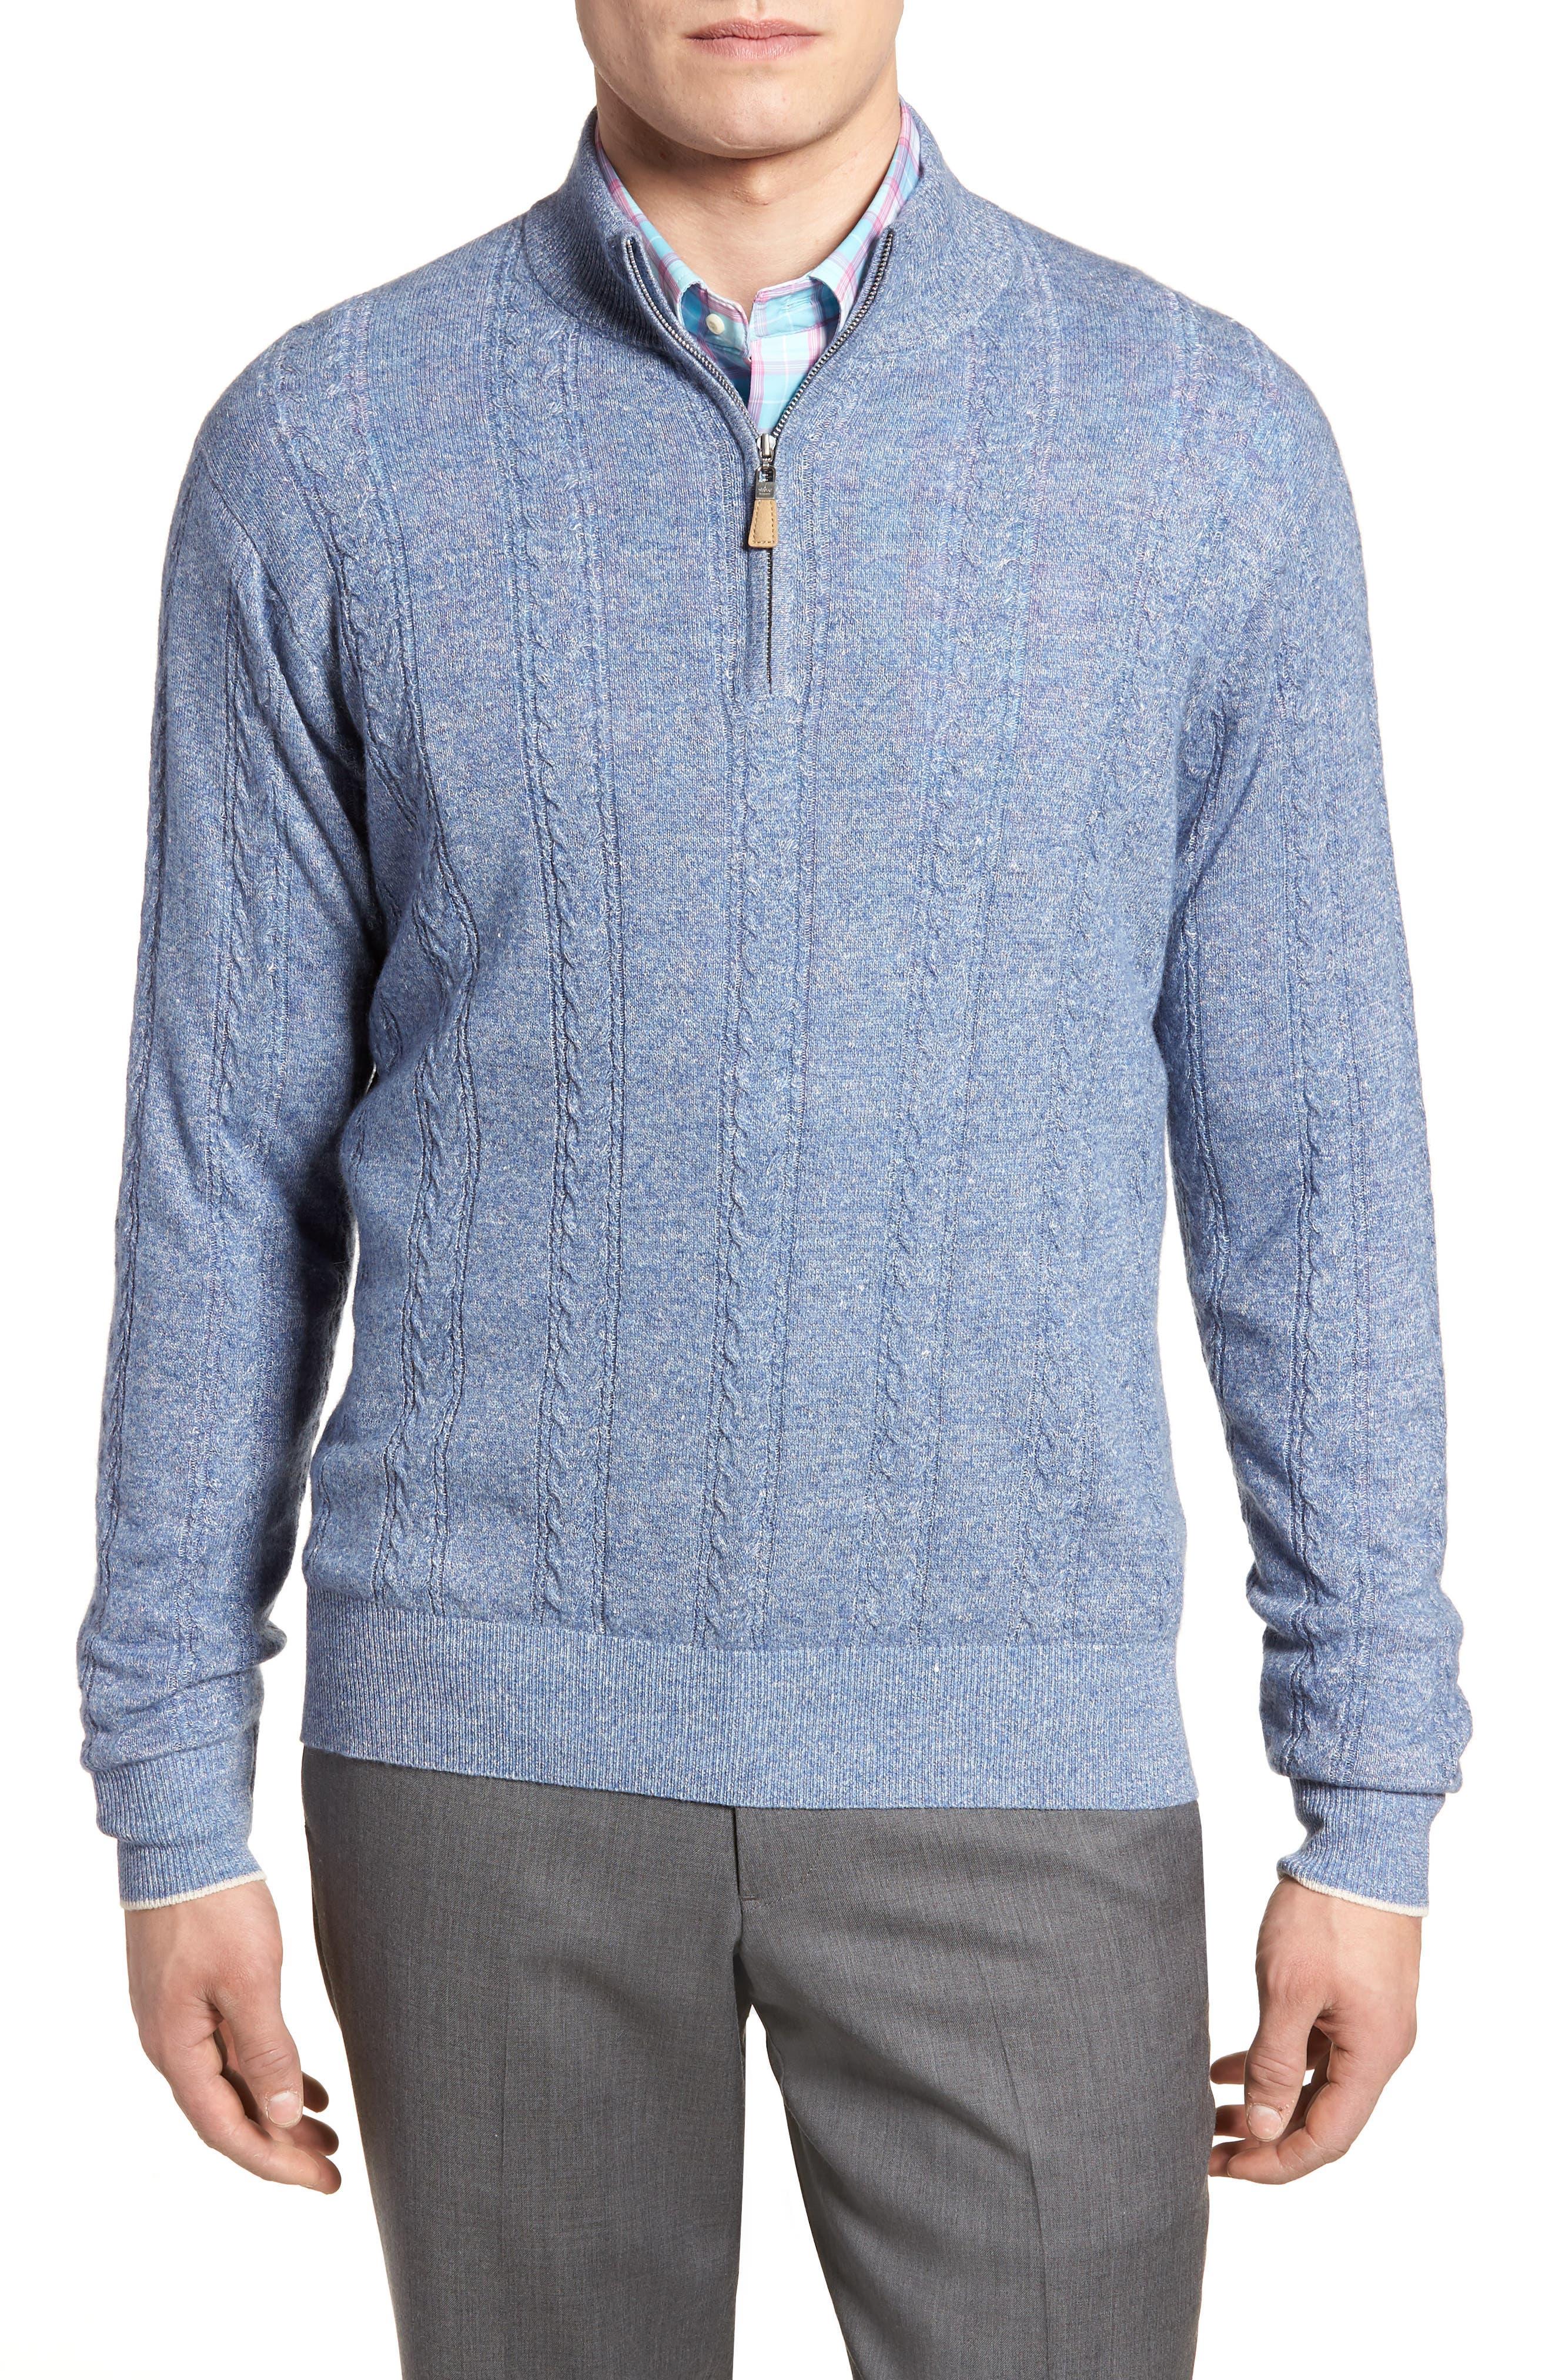 Crown Fleece Cashmere & Linen Quarter Zip Sweater,                             Main thumbnail 1, color,                             418